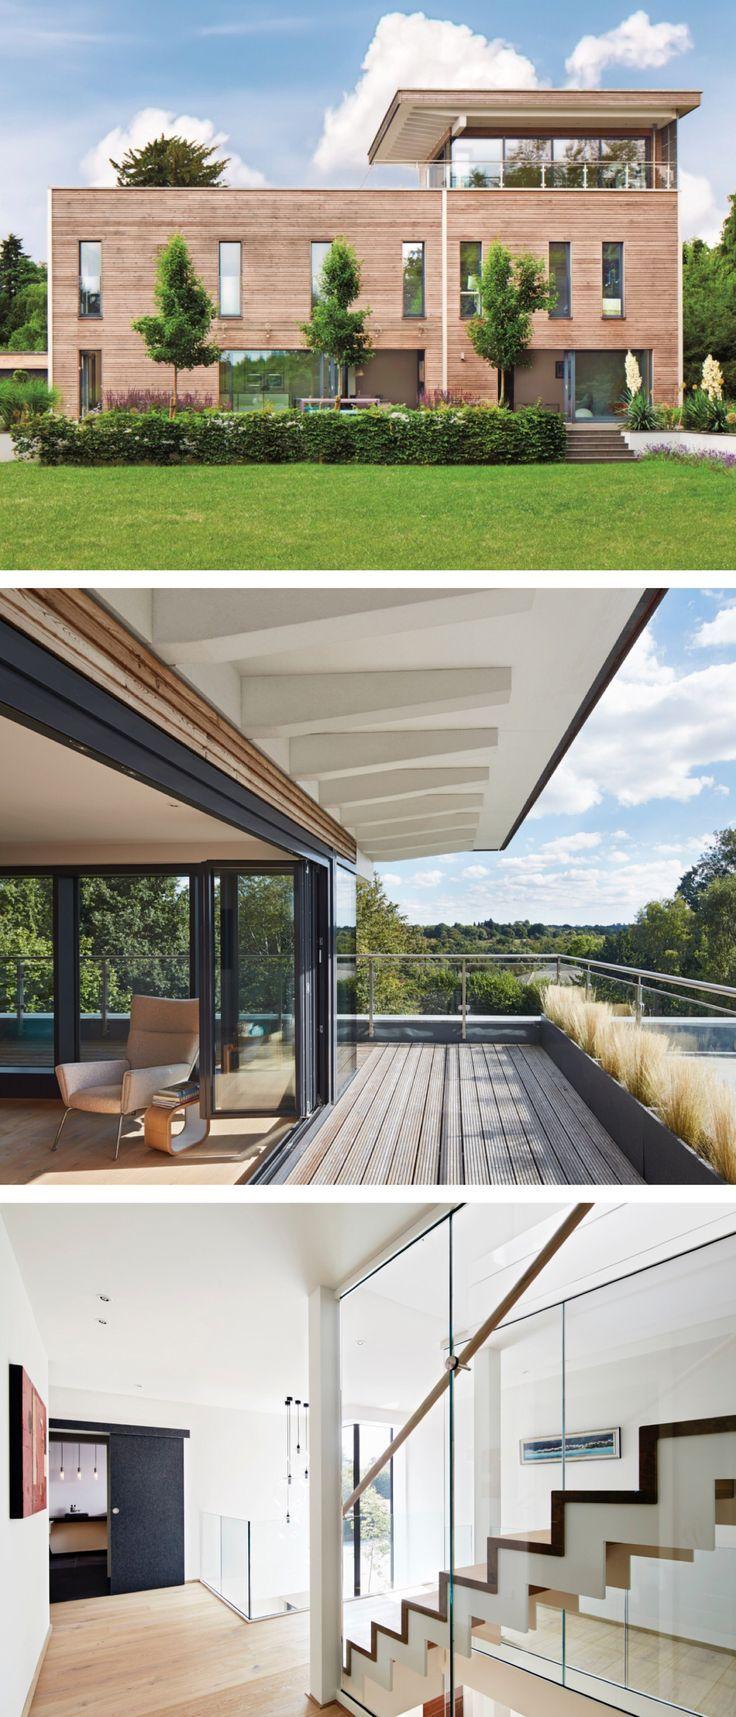 Stadtvilla Modern Mit Flachdach Architektur Holz Fassade